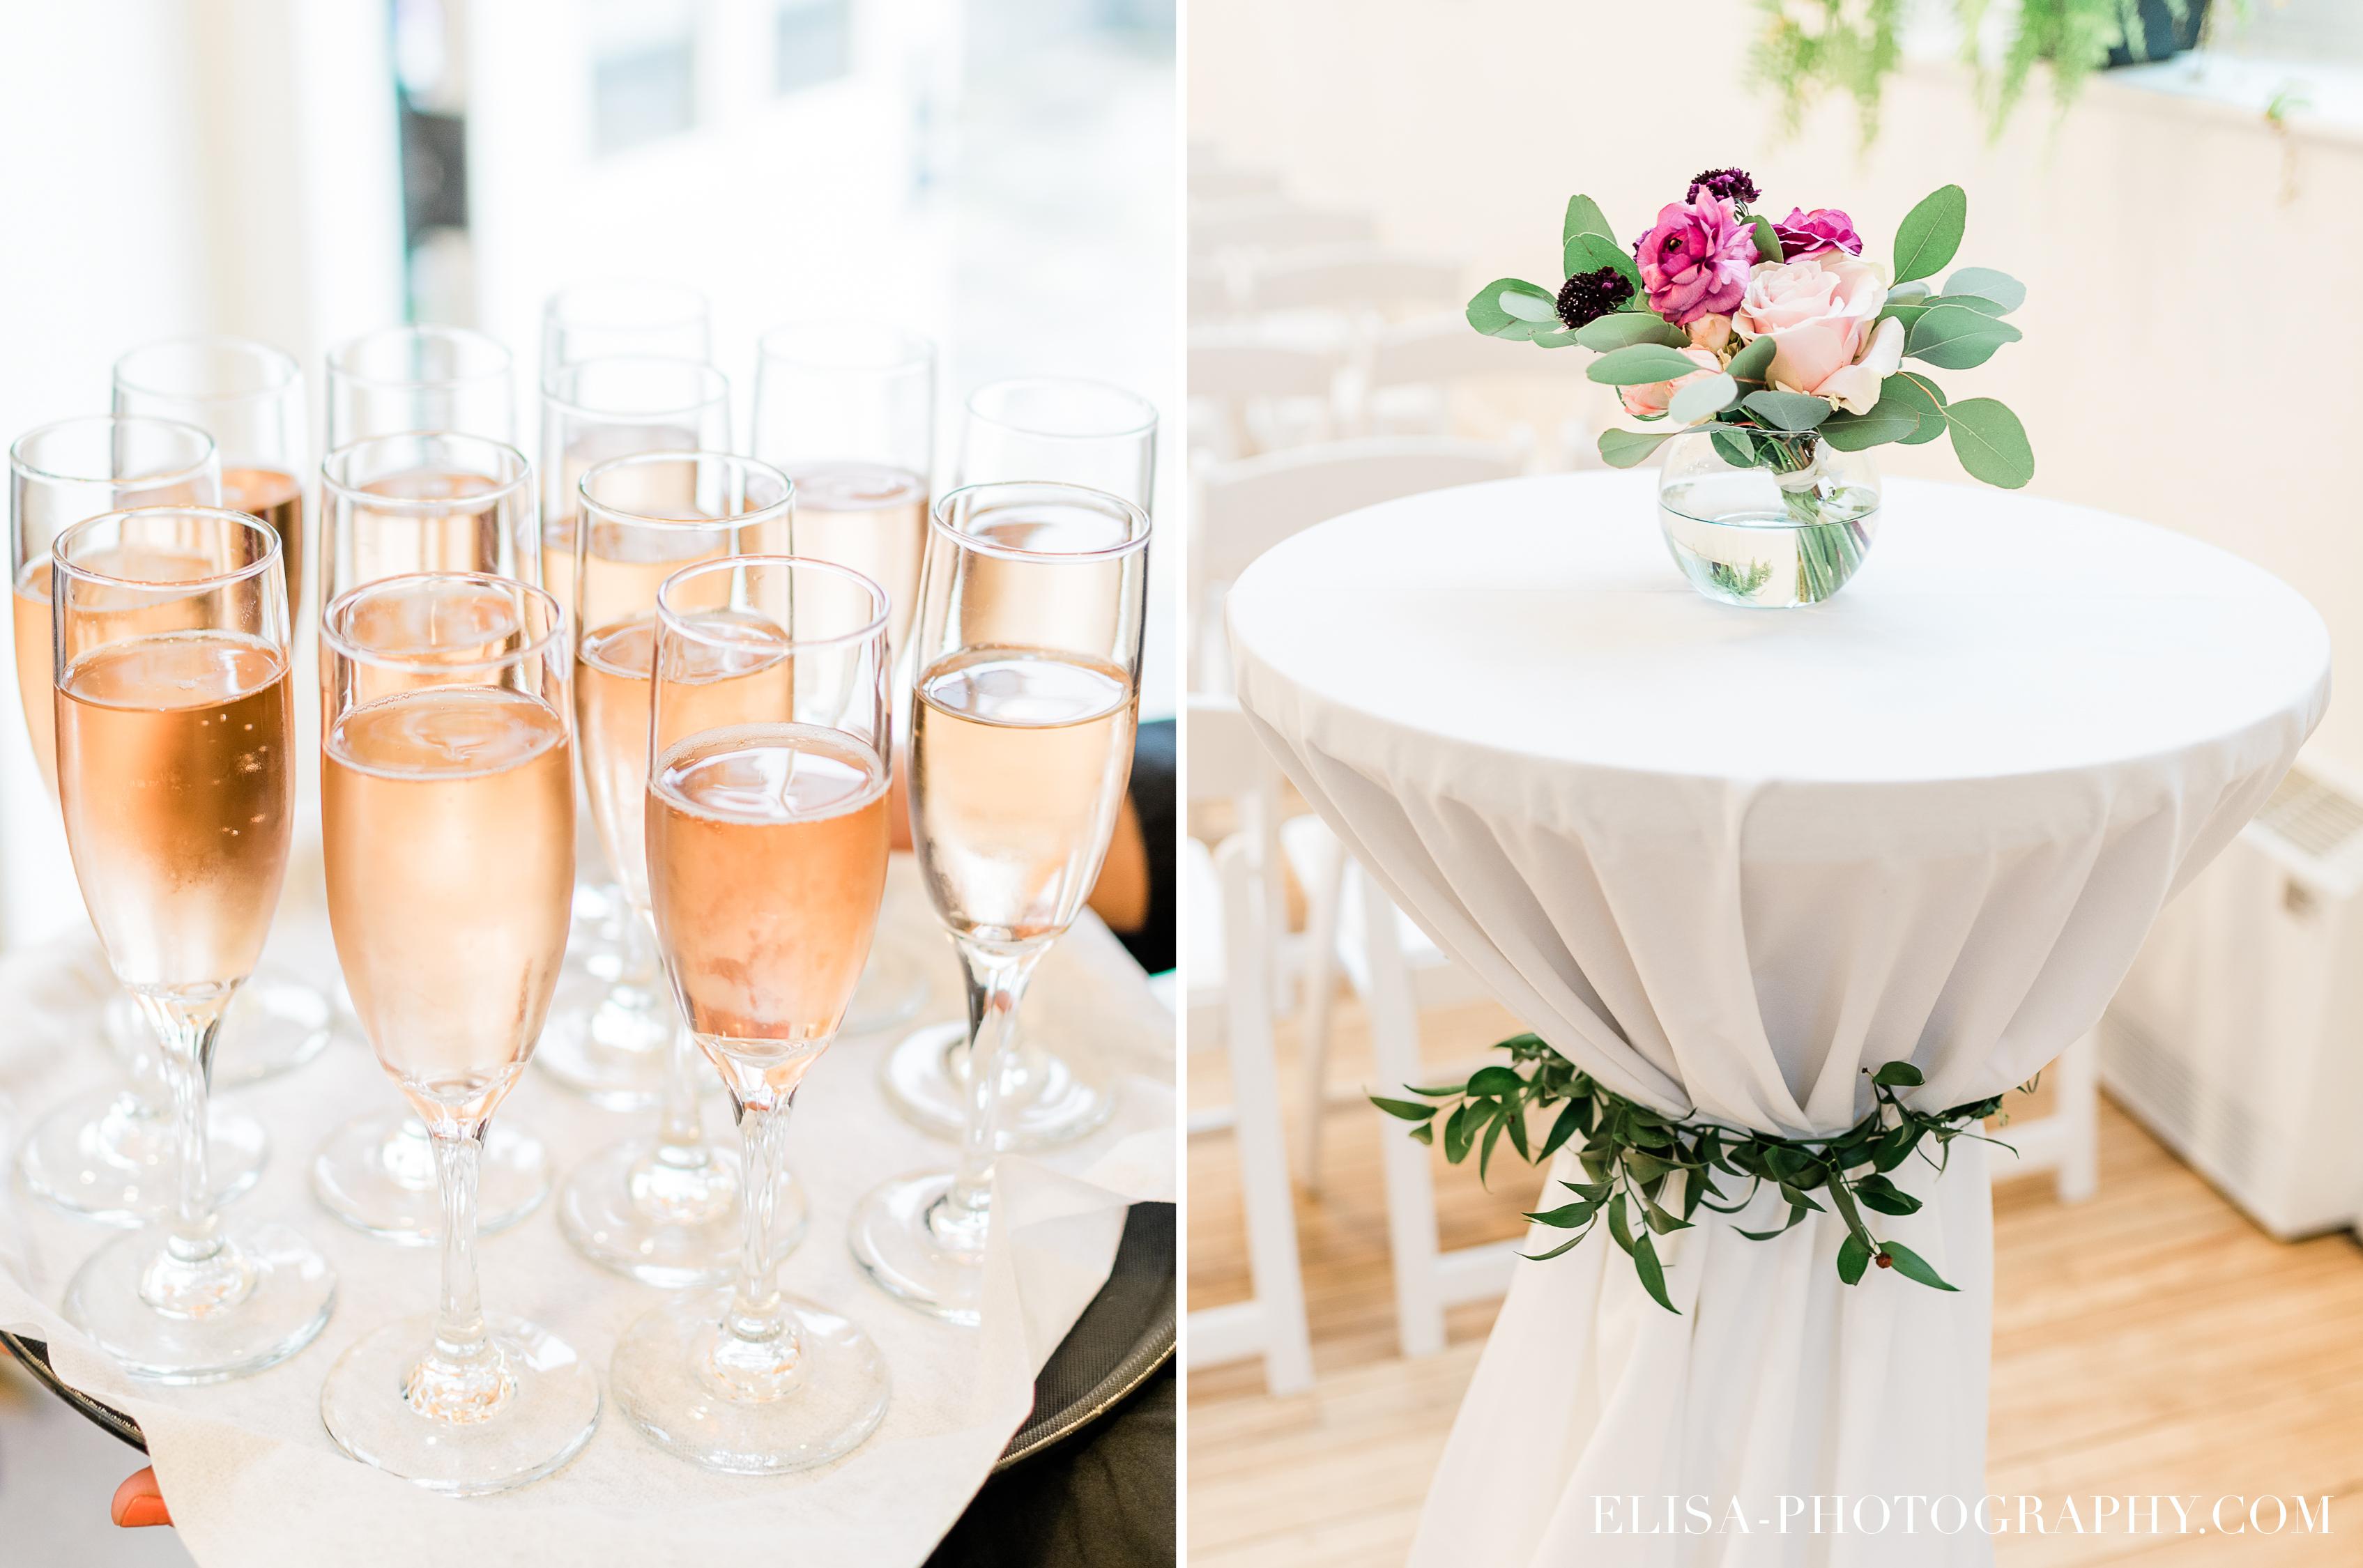 photo mariage cocktail fleurs table domaine cataraqui elisa photographe - Mariage élégant et discret au coeur du magnifique Domaine Cataraqui, Québec